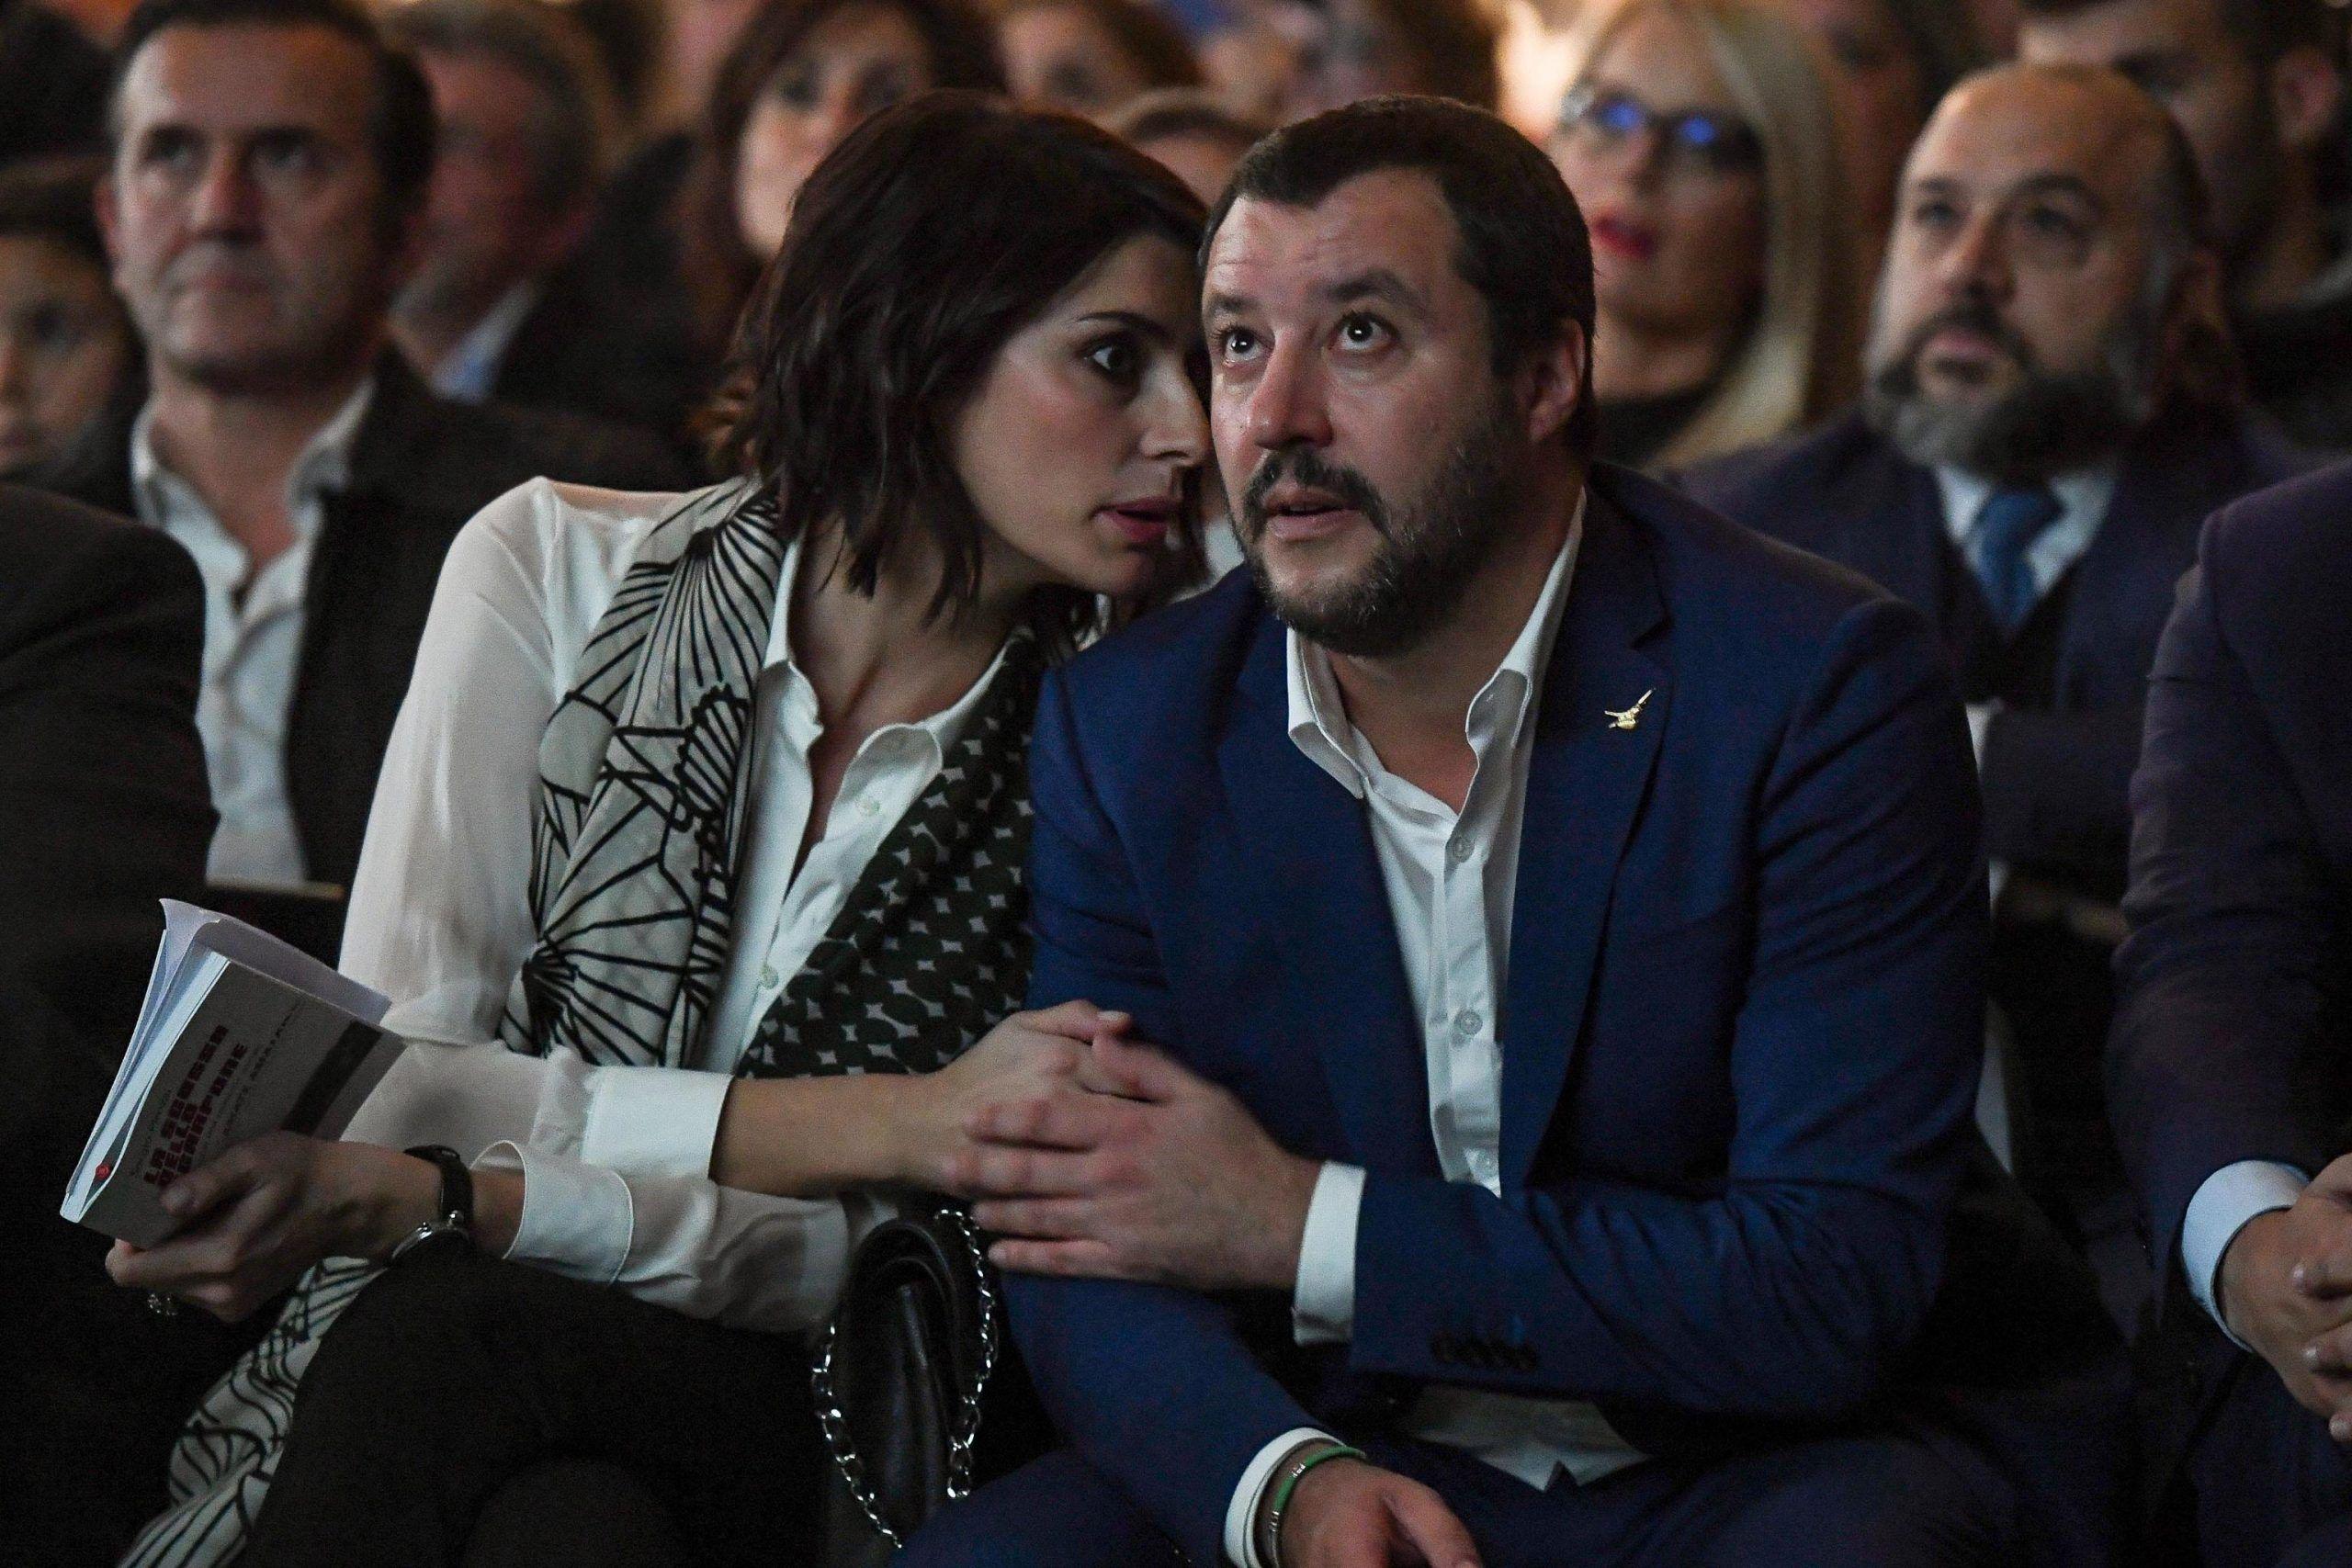 Elisa Isoardi e Matteo Salvini fidanzati ufficialmente: lui incontra la mamma di lei